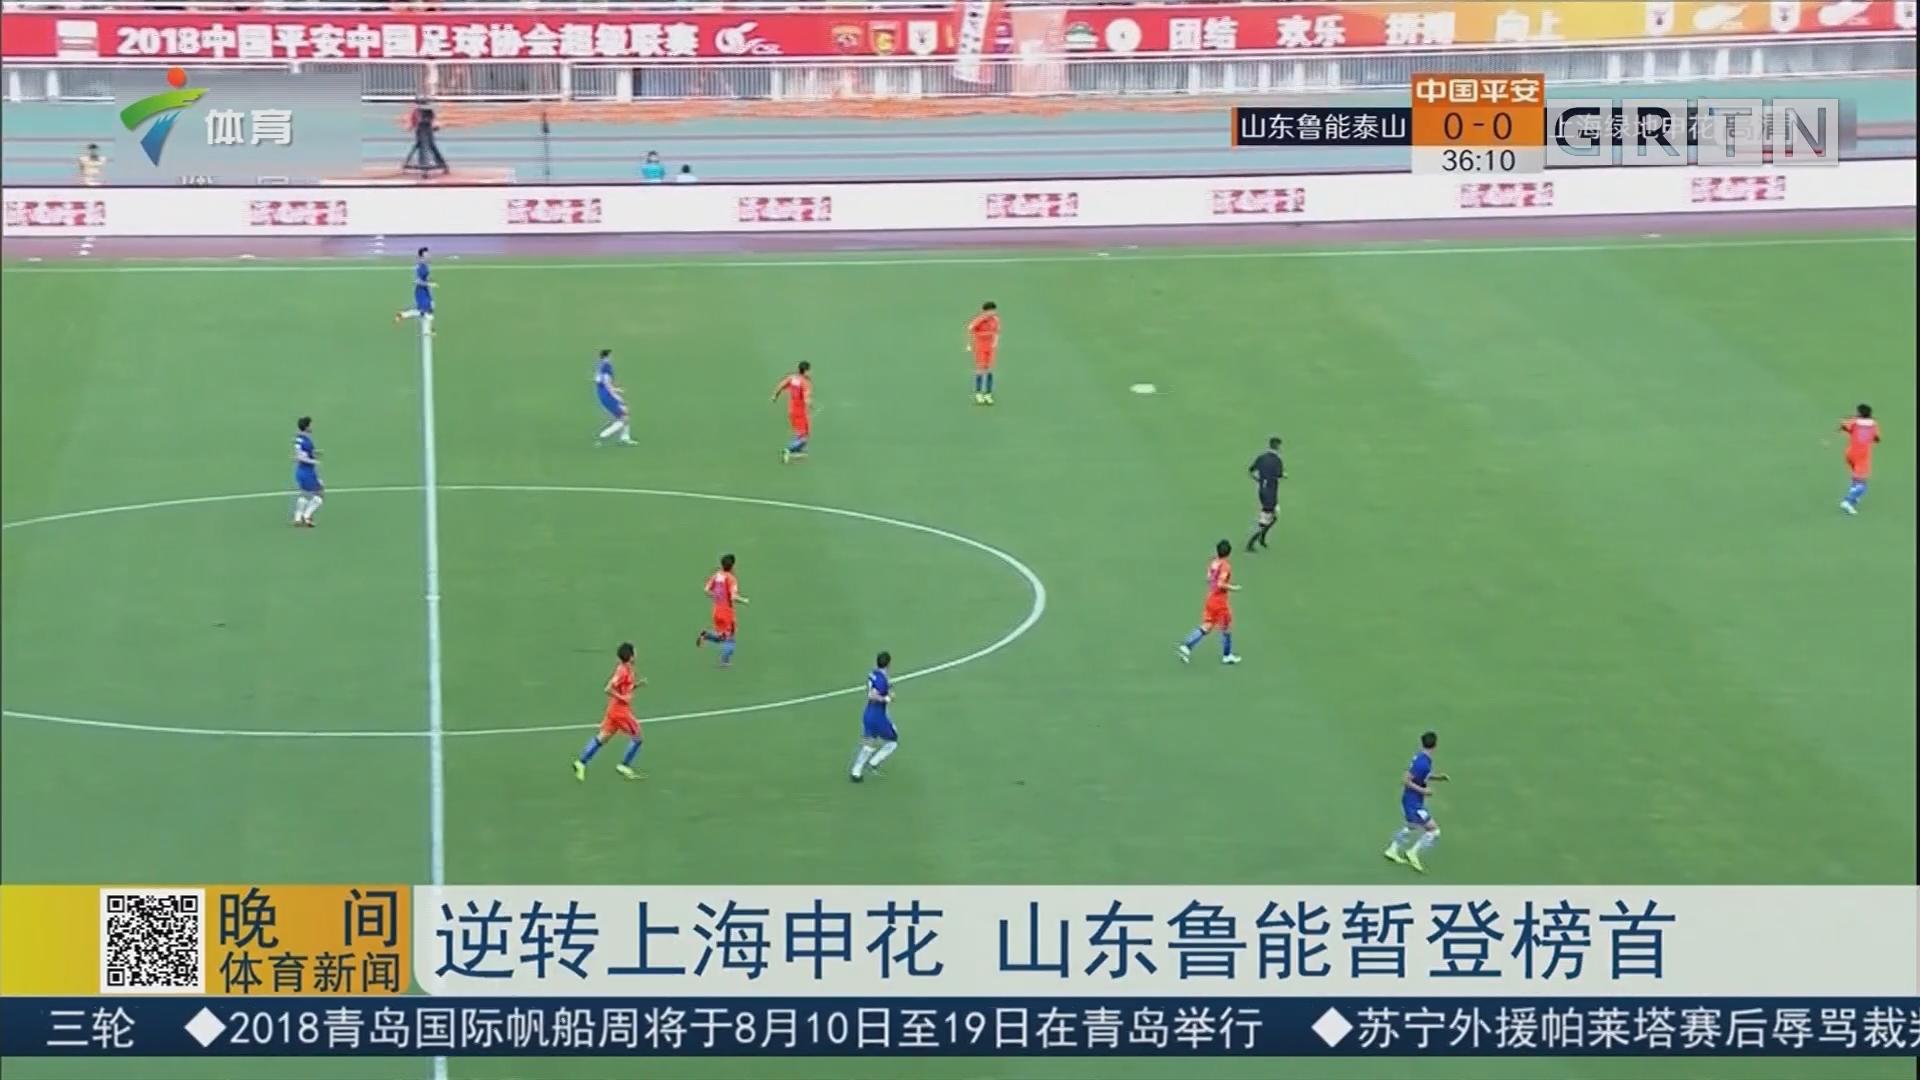 逆转上海申花 山东鲁能暂登榜首